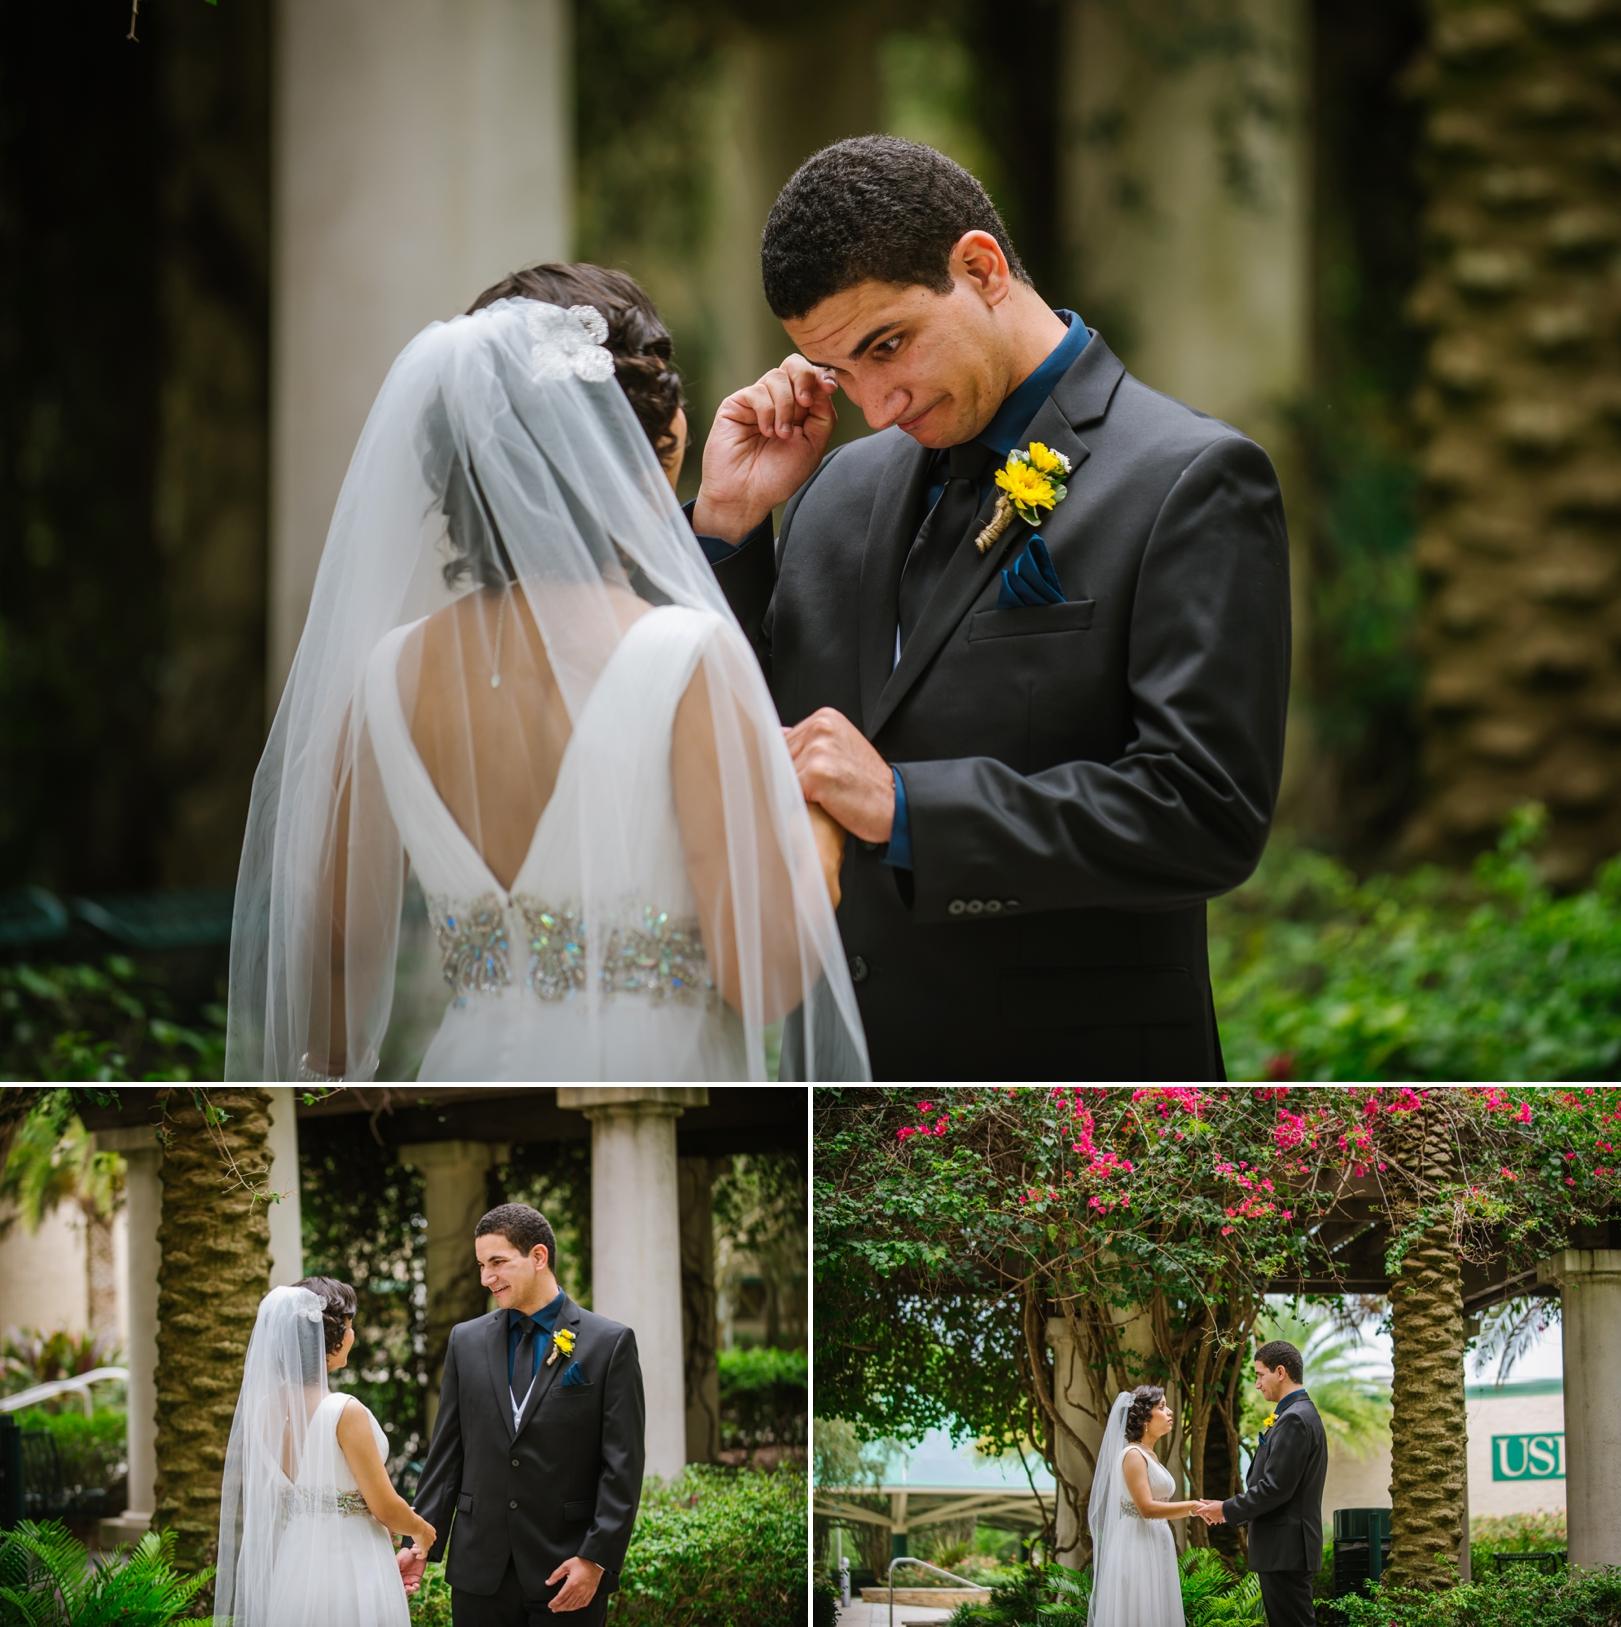 tampa-wedding-photographer-ashlee-hamon-usf_0009.jpg